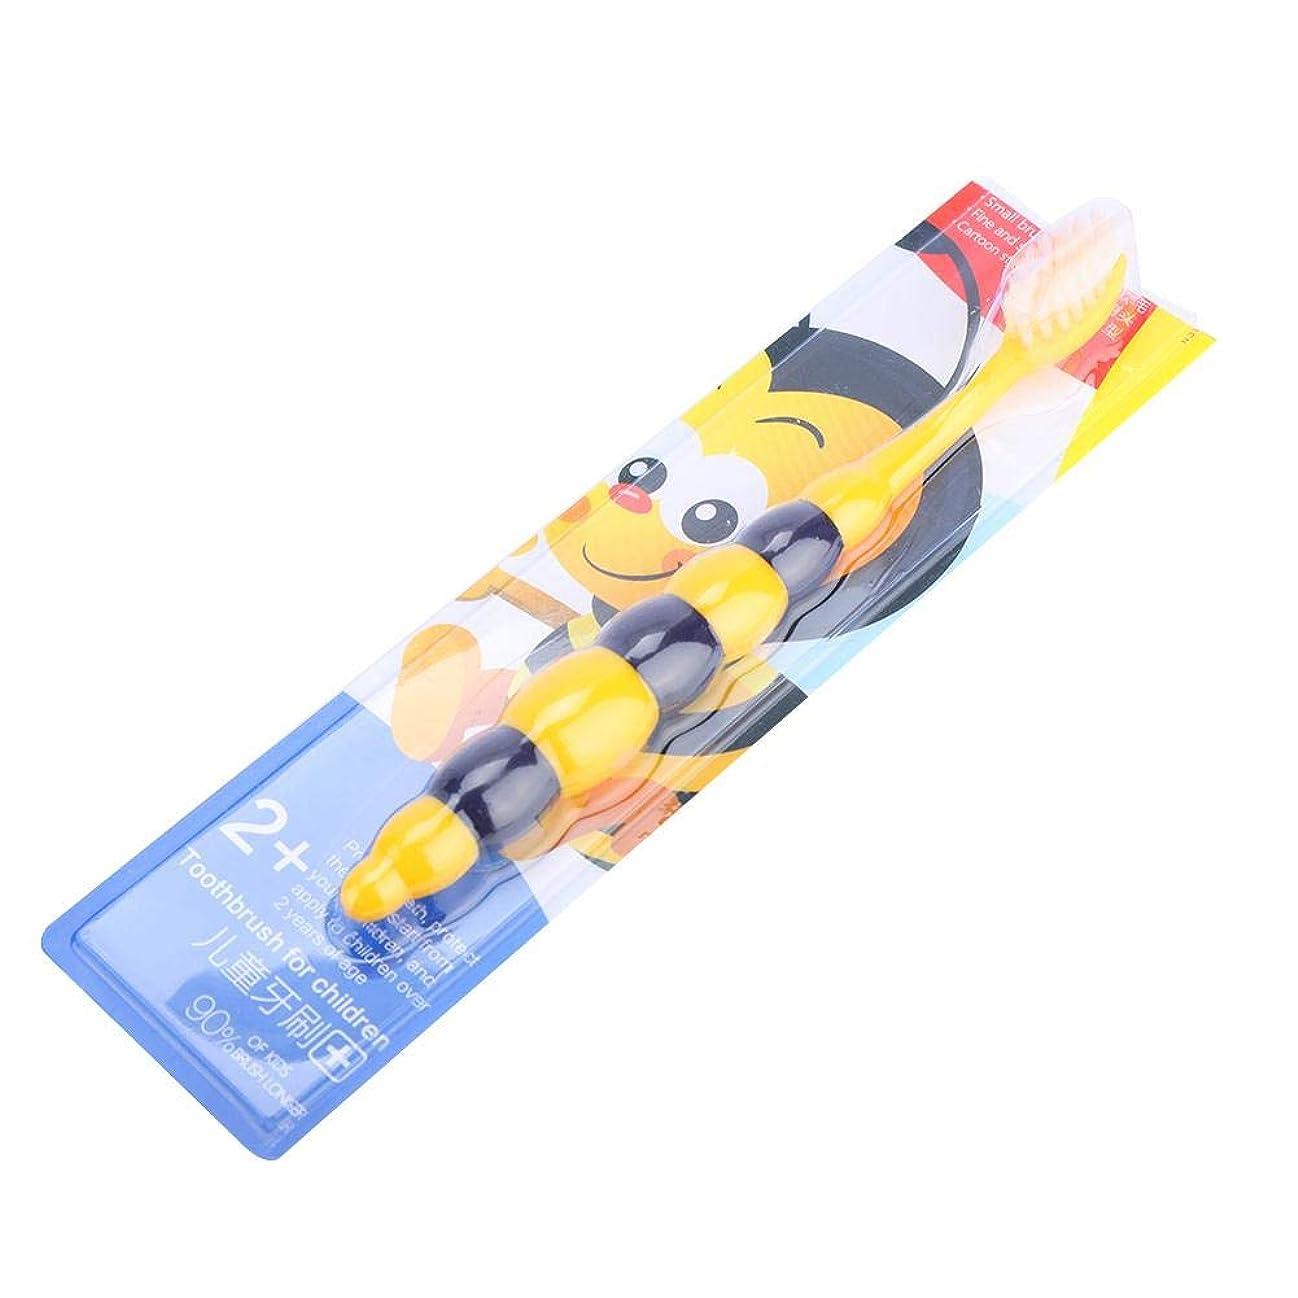 ところでタービン満州子供の柔らかい髪の歯ブラシの子供かわいいクリーニングの歯ブラシオーラルケアツール(黄色い蜂)